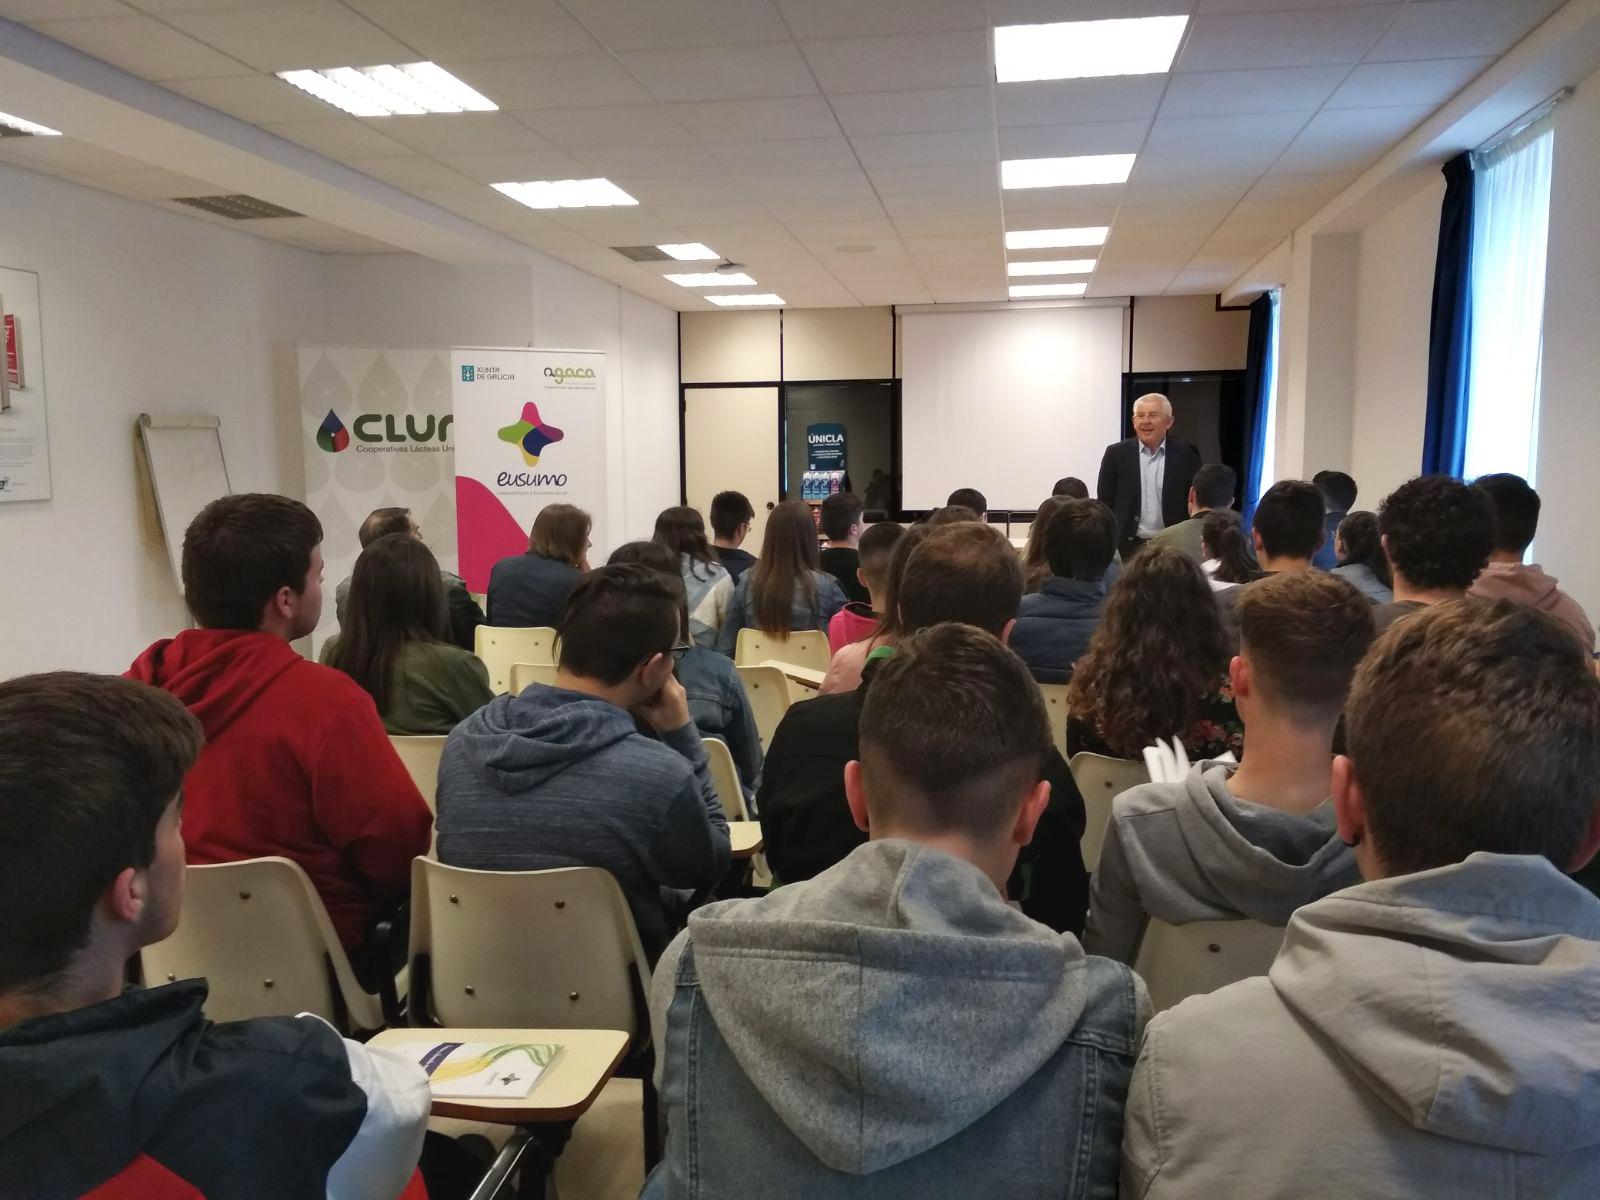 Estudiantes de Vilalba se acercan al cooperativismo con AGACA y Feiraco